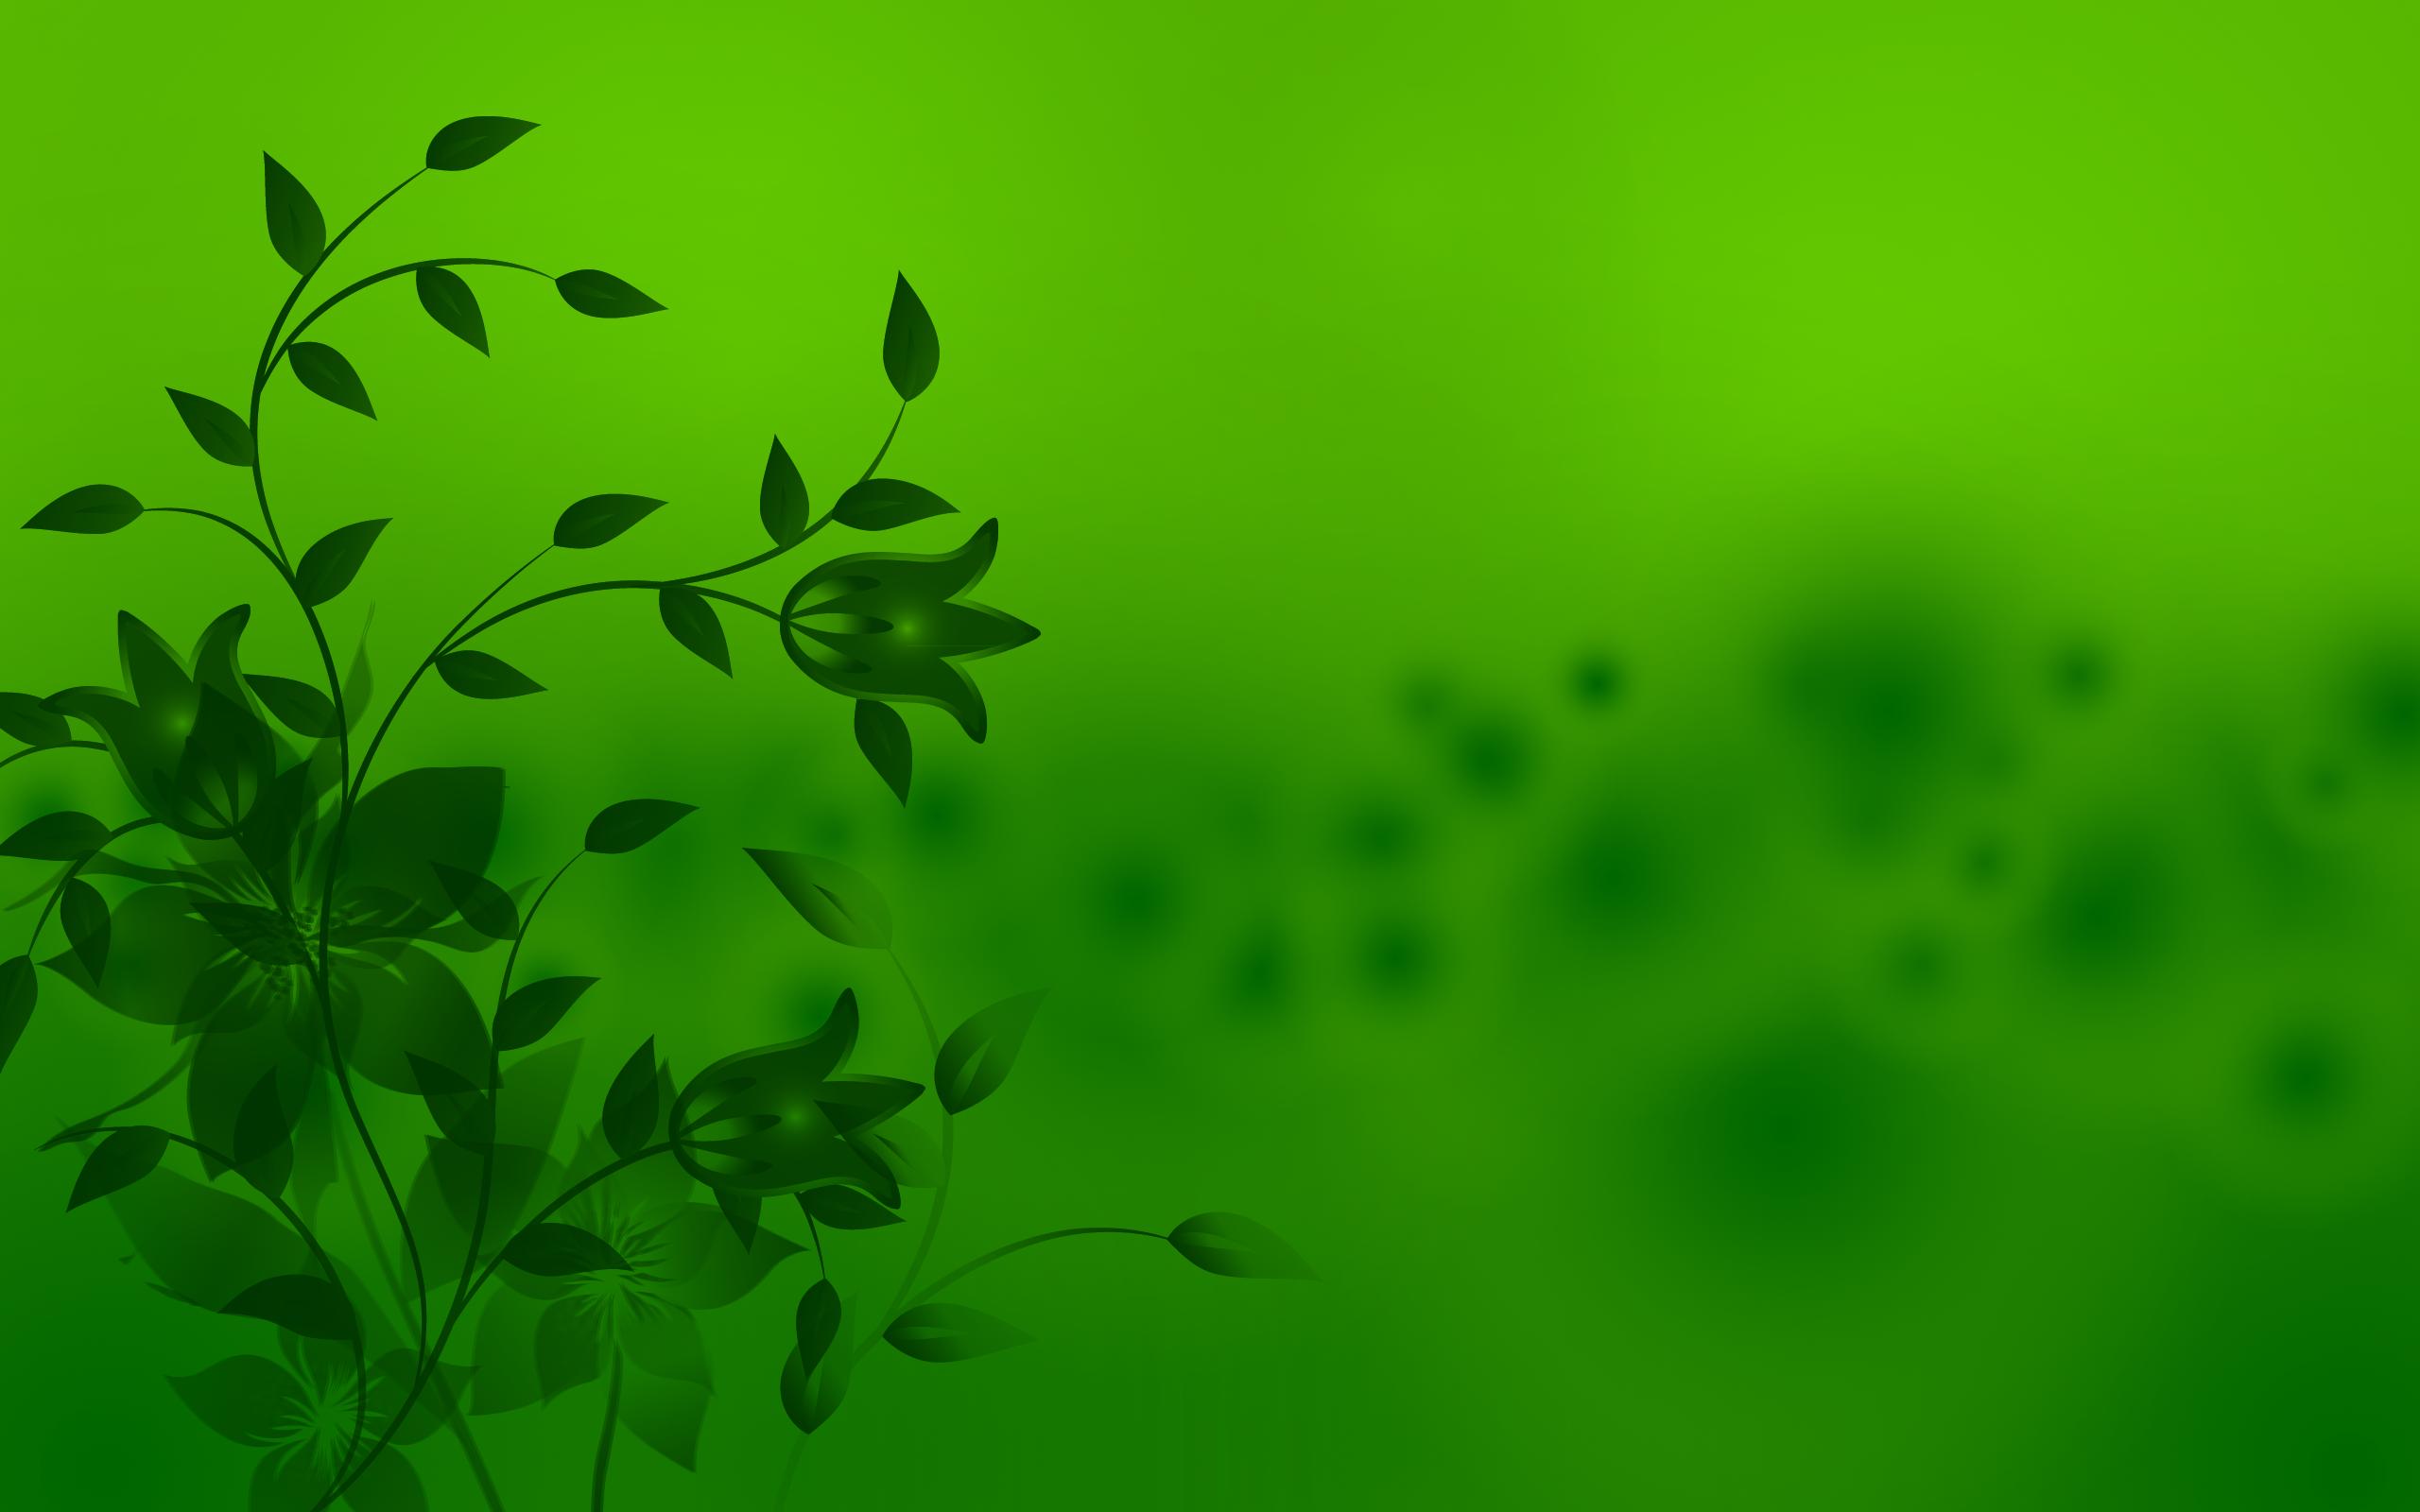 Simple Backgrounds - WallpaperSafari